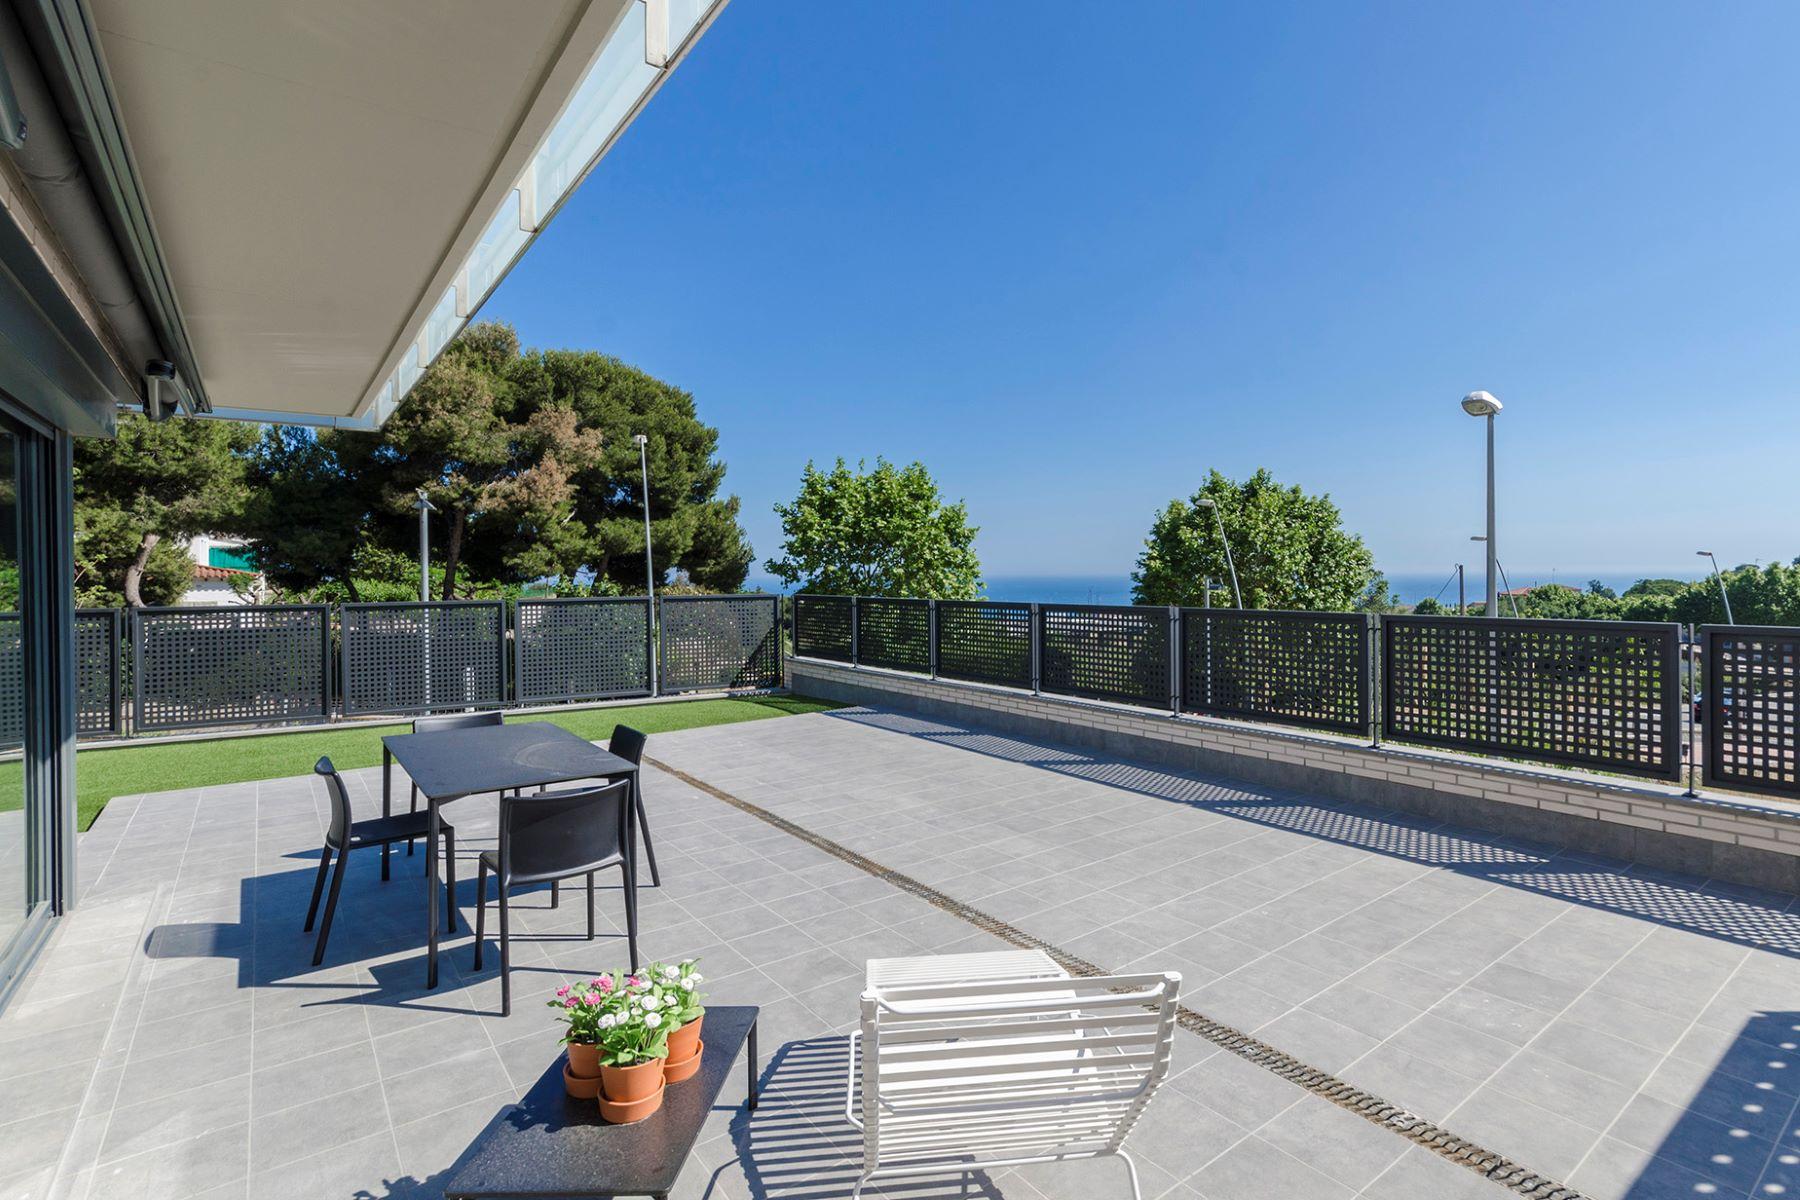 独户住宅 为 销售 在 New promotional offer in Teia with sea view Teia, 巴塞罗那, 08329 西班牙